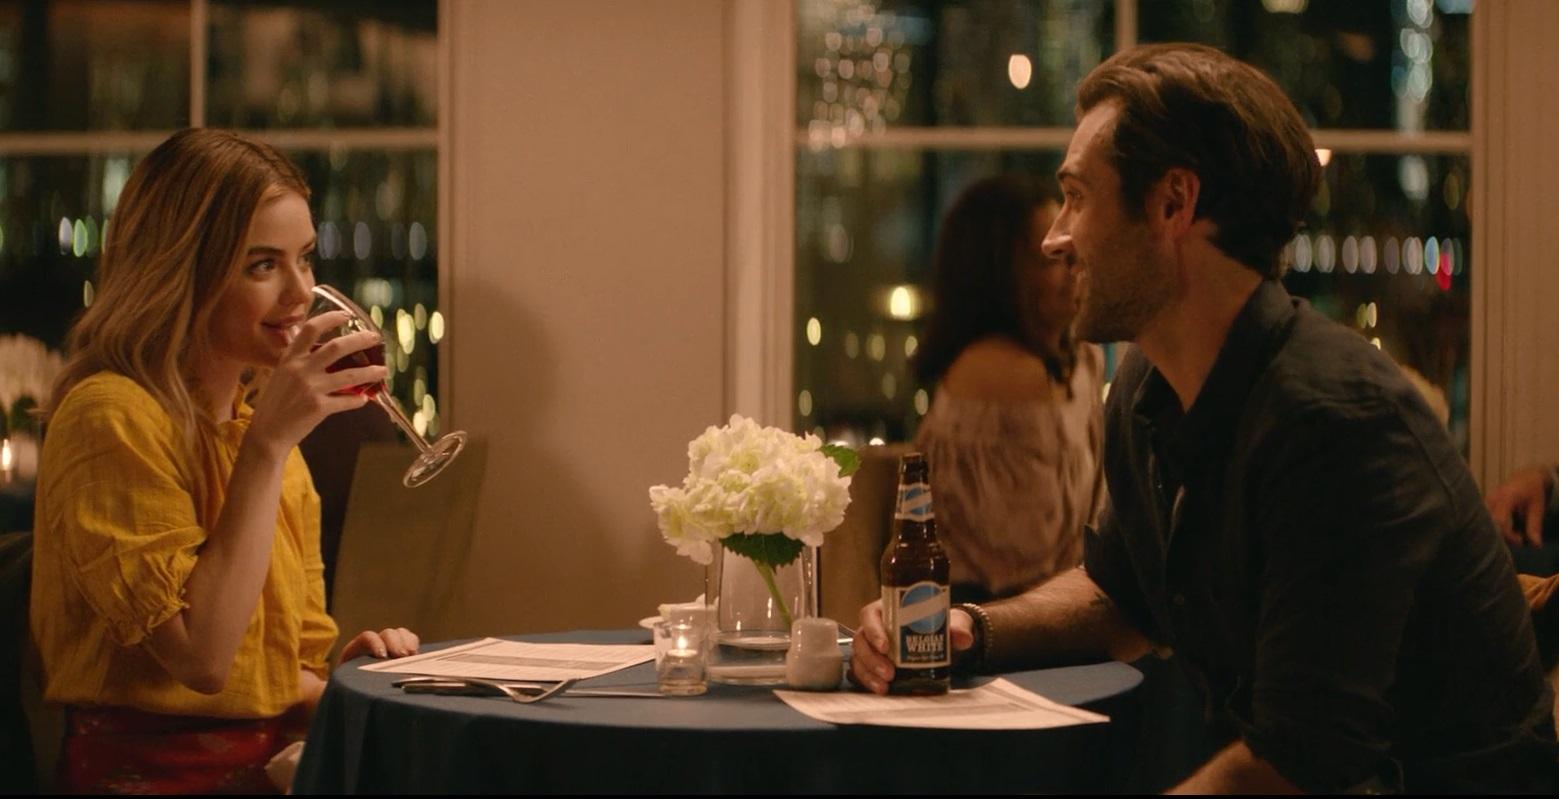 نقد و بررسی فیلم یه دخترِ بچه مثبت مثل تو (A Nice Girl Like You) سکانس دیگری از زوج اصلی در فیلم